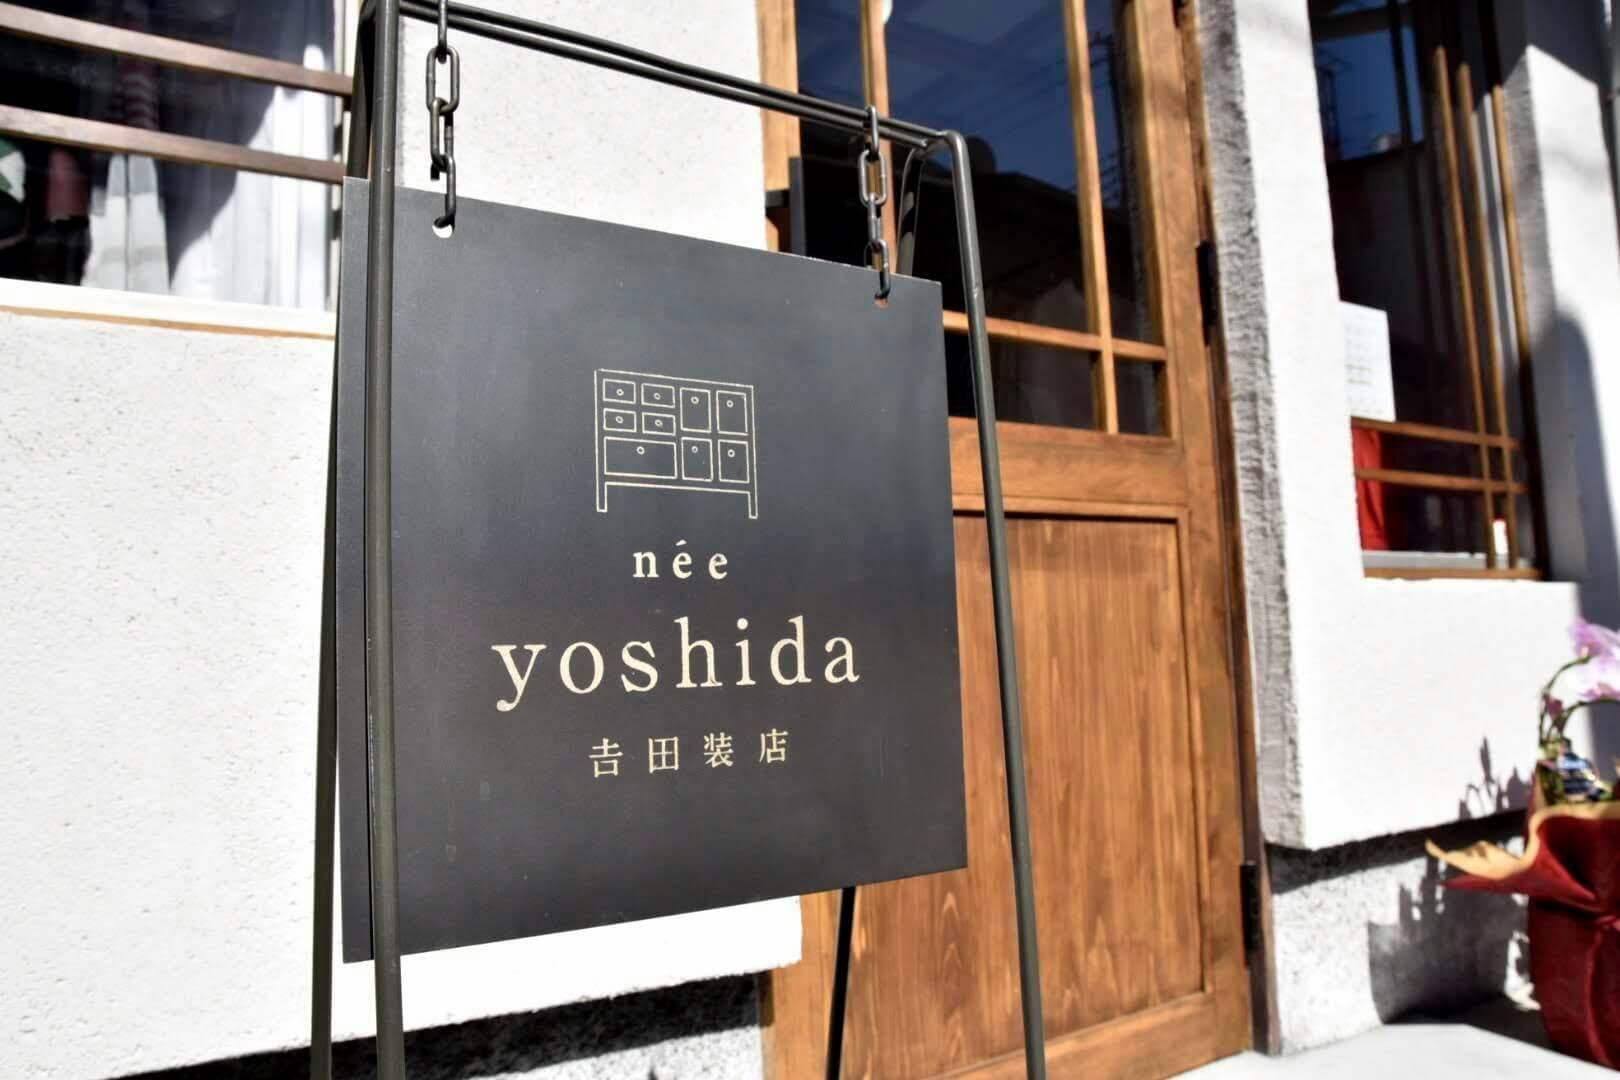 吉田装店(ヨシダショウテン)の看板